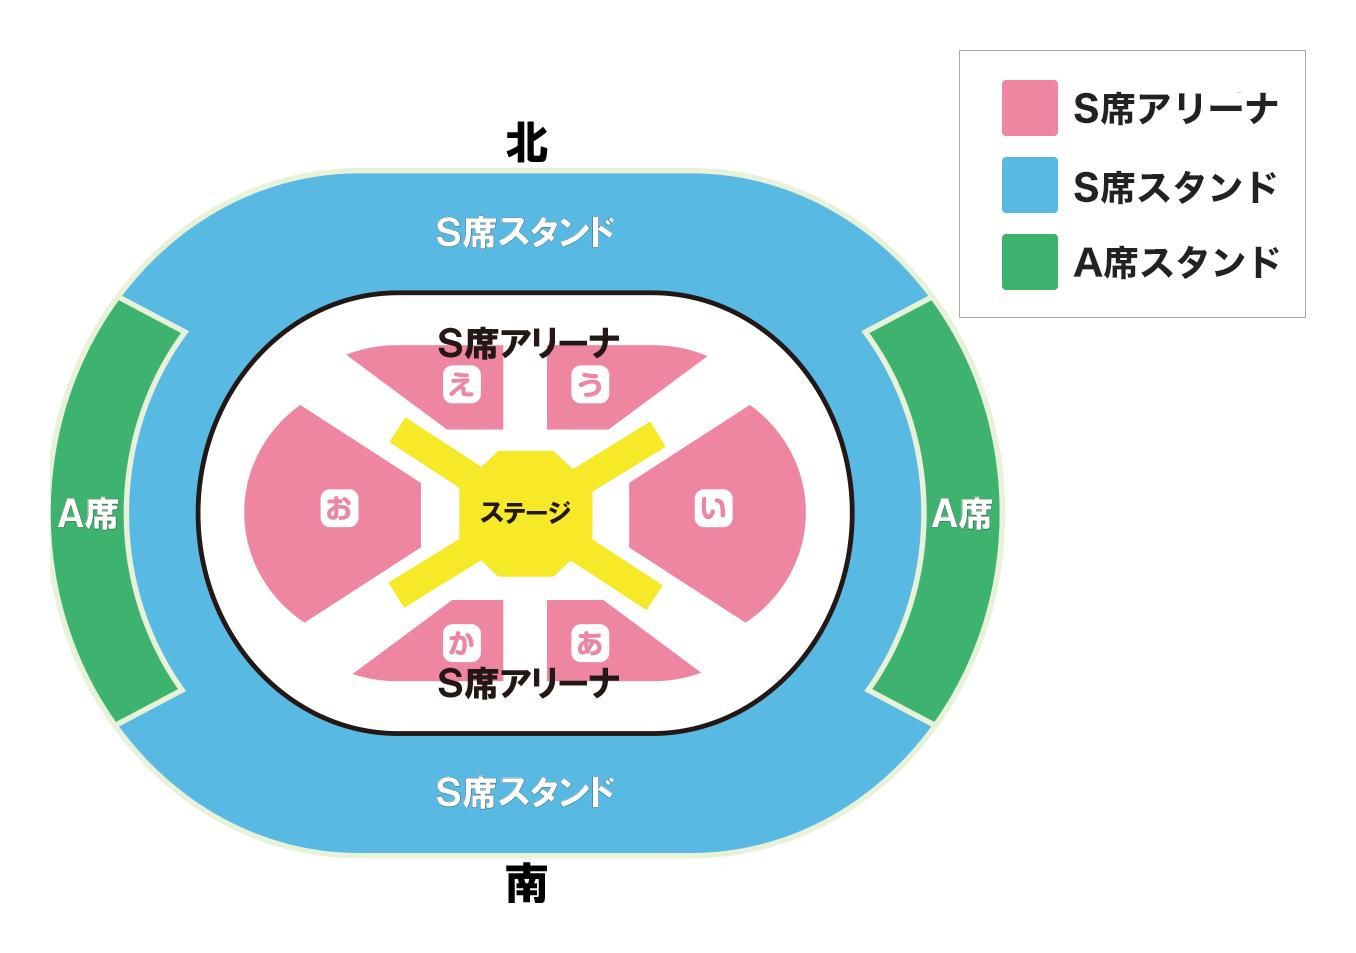 大阪 城 ホール キャパ